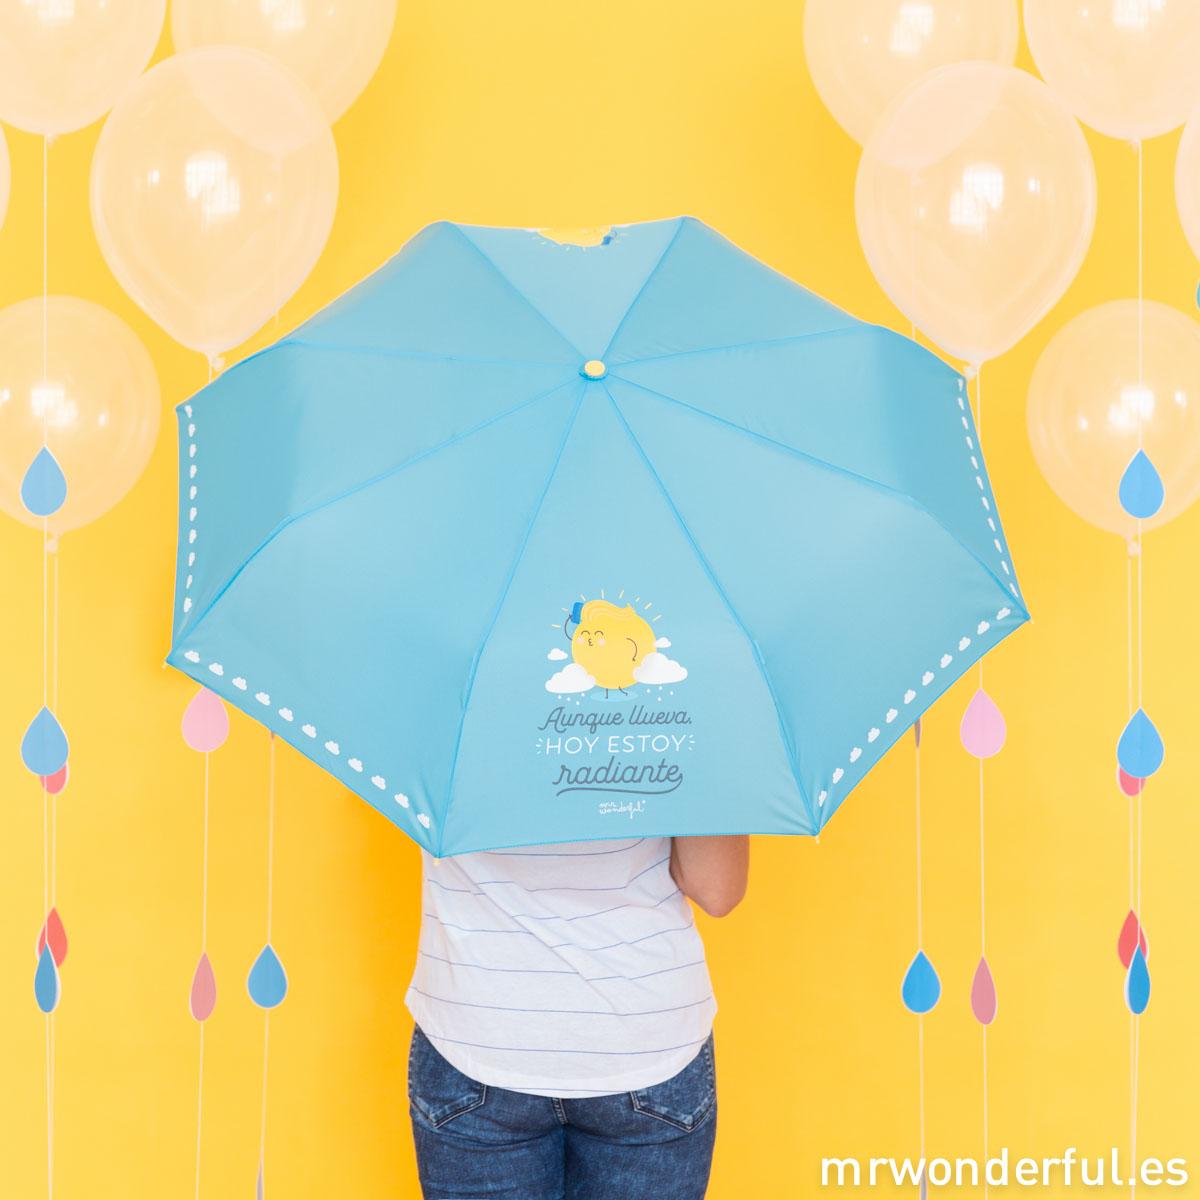 mrwonderful_8435460706858_paraguas_aunque-llueva-hoy-estoy-radiante-ES-2